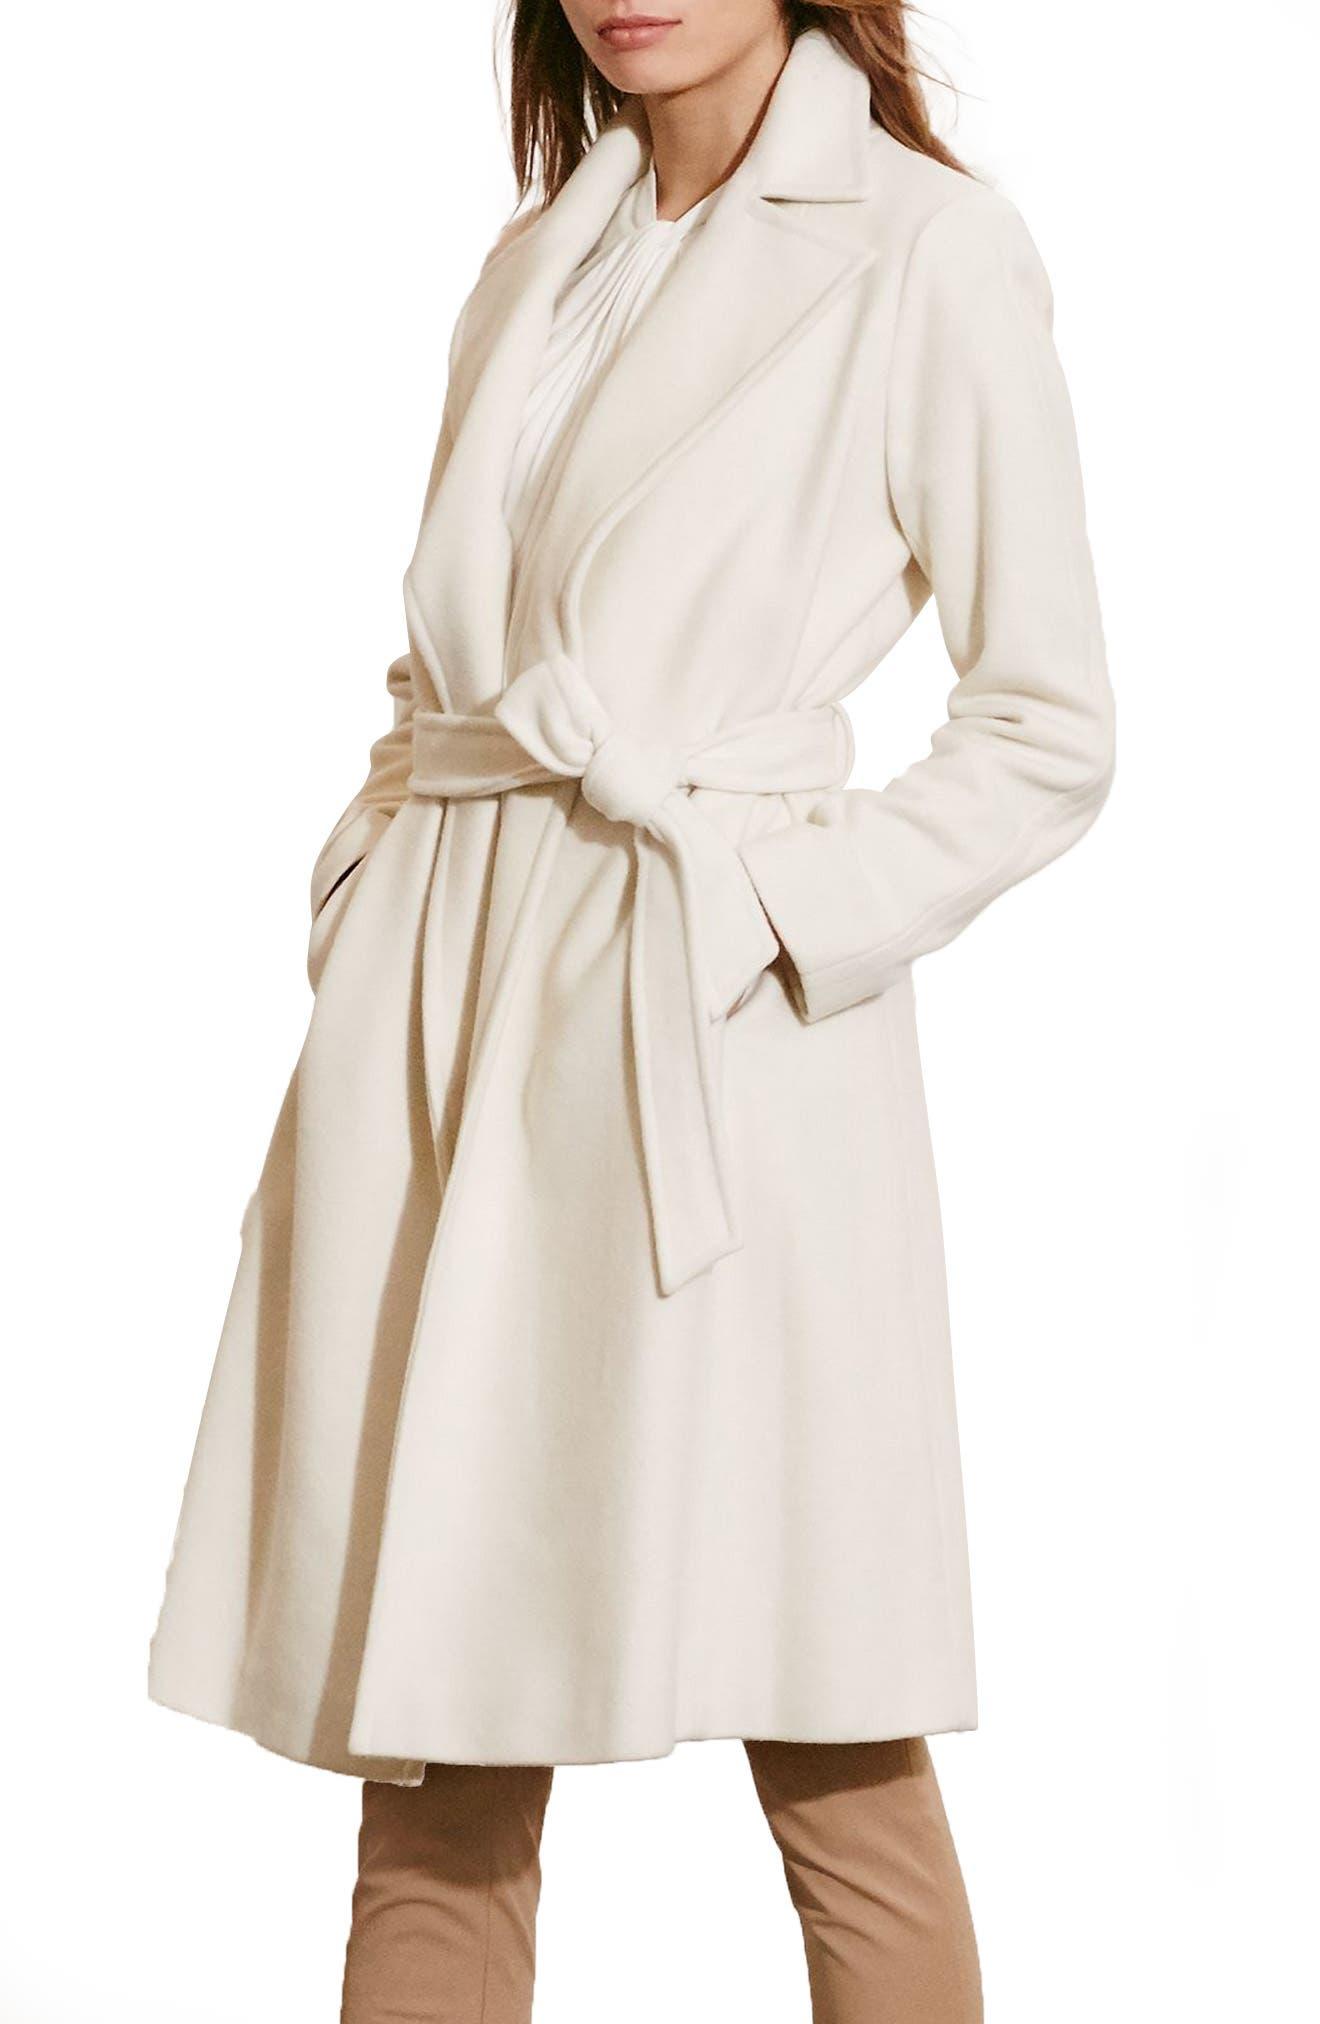 Main Image - Lauren Ralph Lauren Wool Blend Wrap Coat (Regular & Petite) (Online Only)